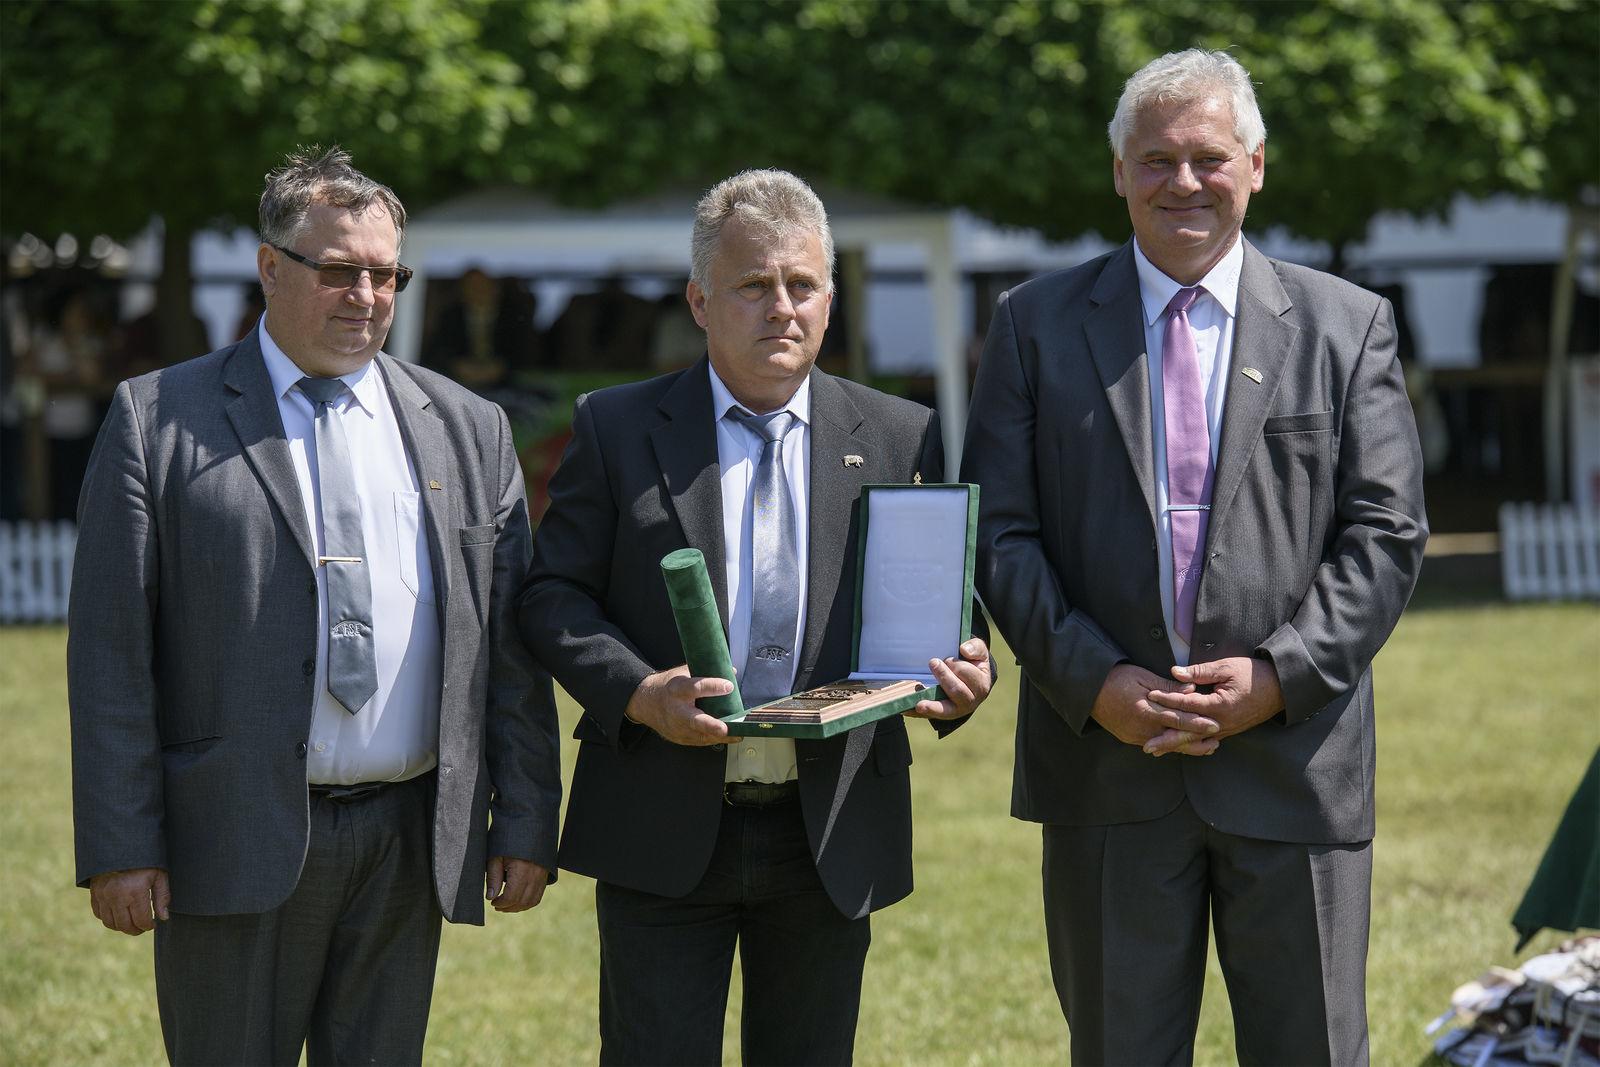 Az elismerést Kupi István (középen) vette át Kiss Györgytől, az MFSE elnökétől és Eicher Józseftől, az egyesület ügyvezető igazgatójától